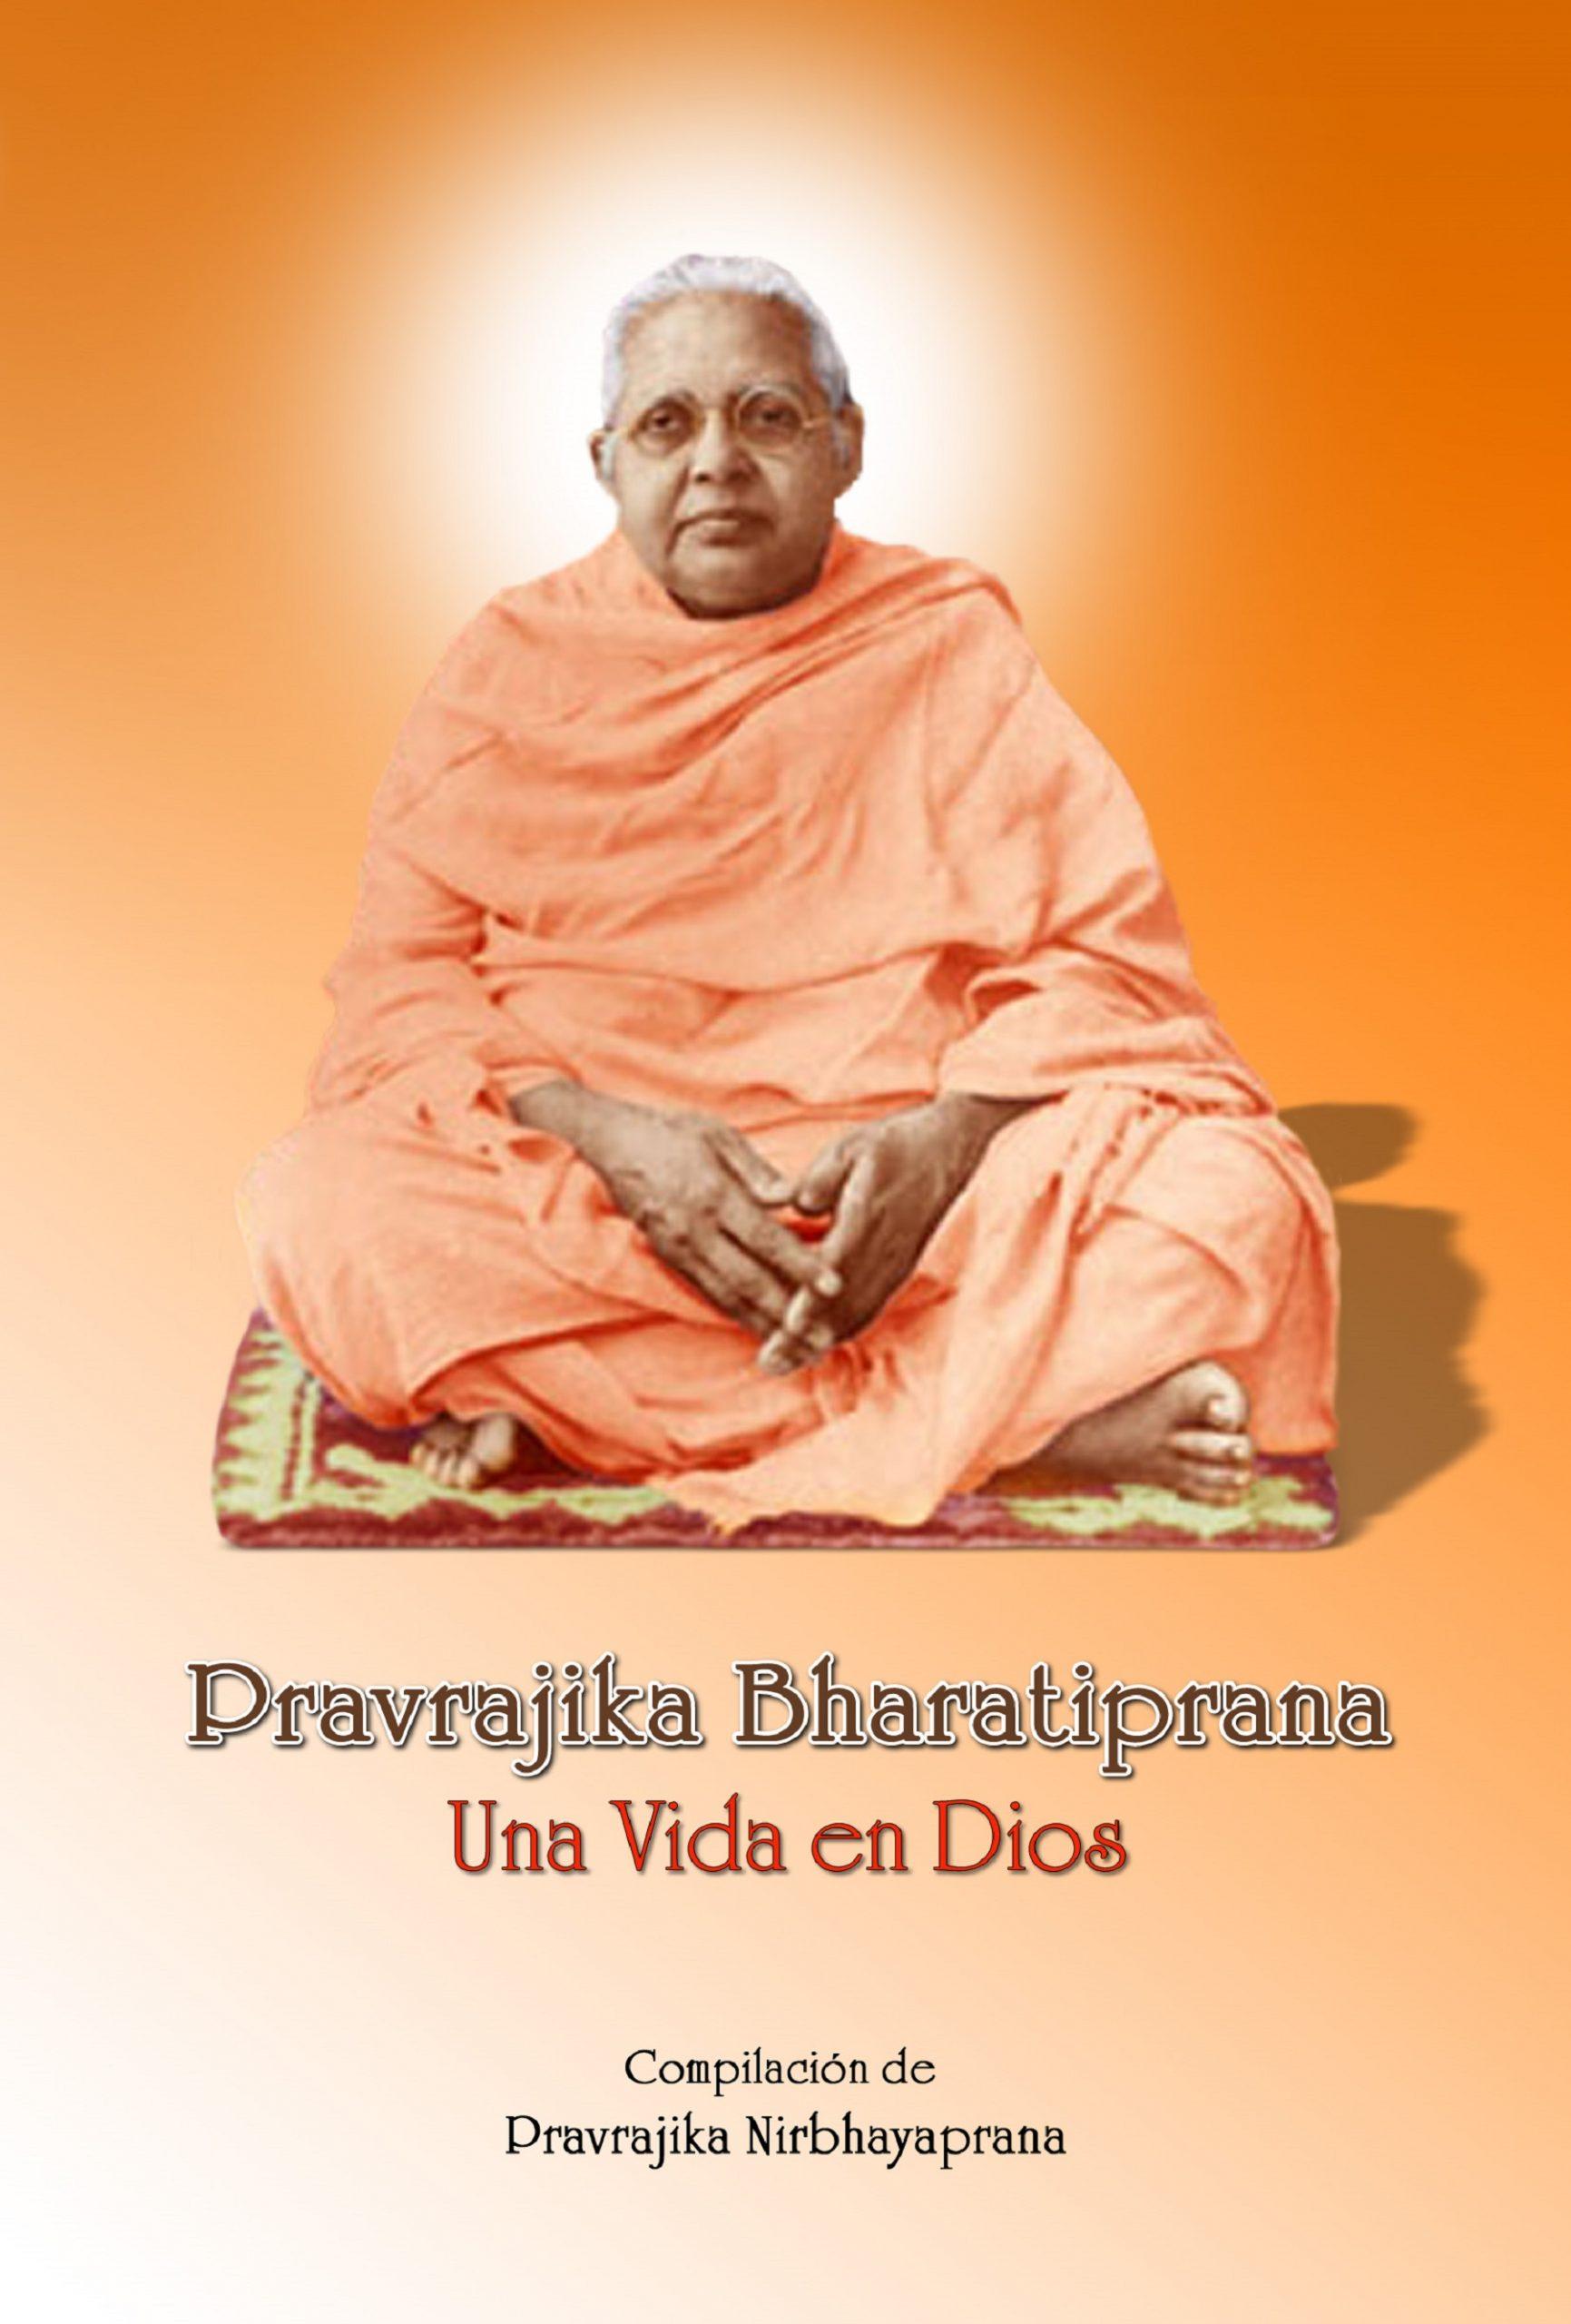 Pravrajika Bharatiprana 2 scaled